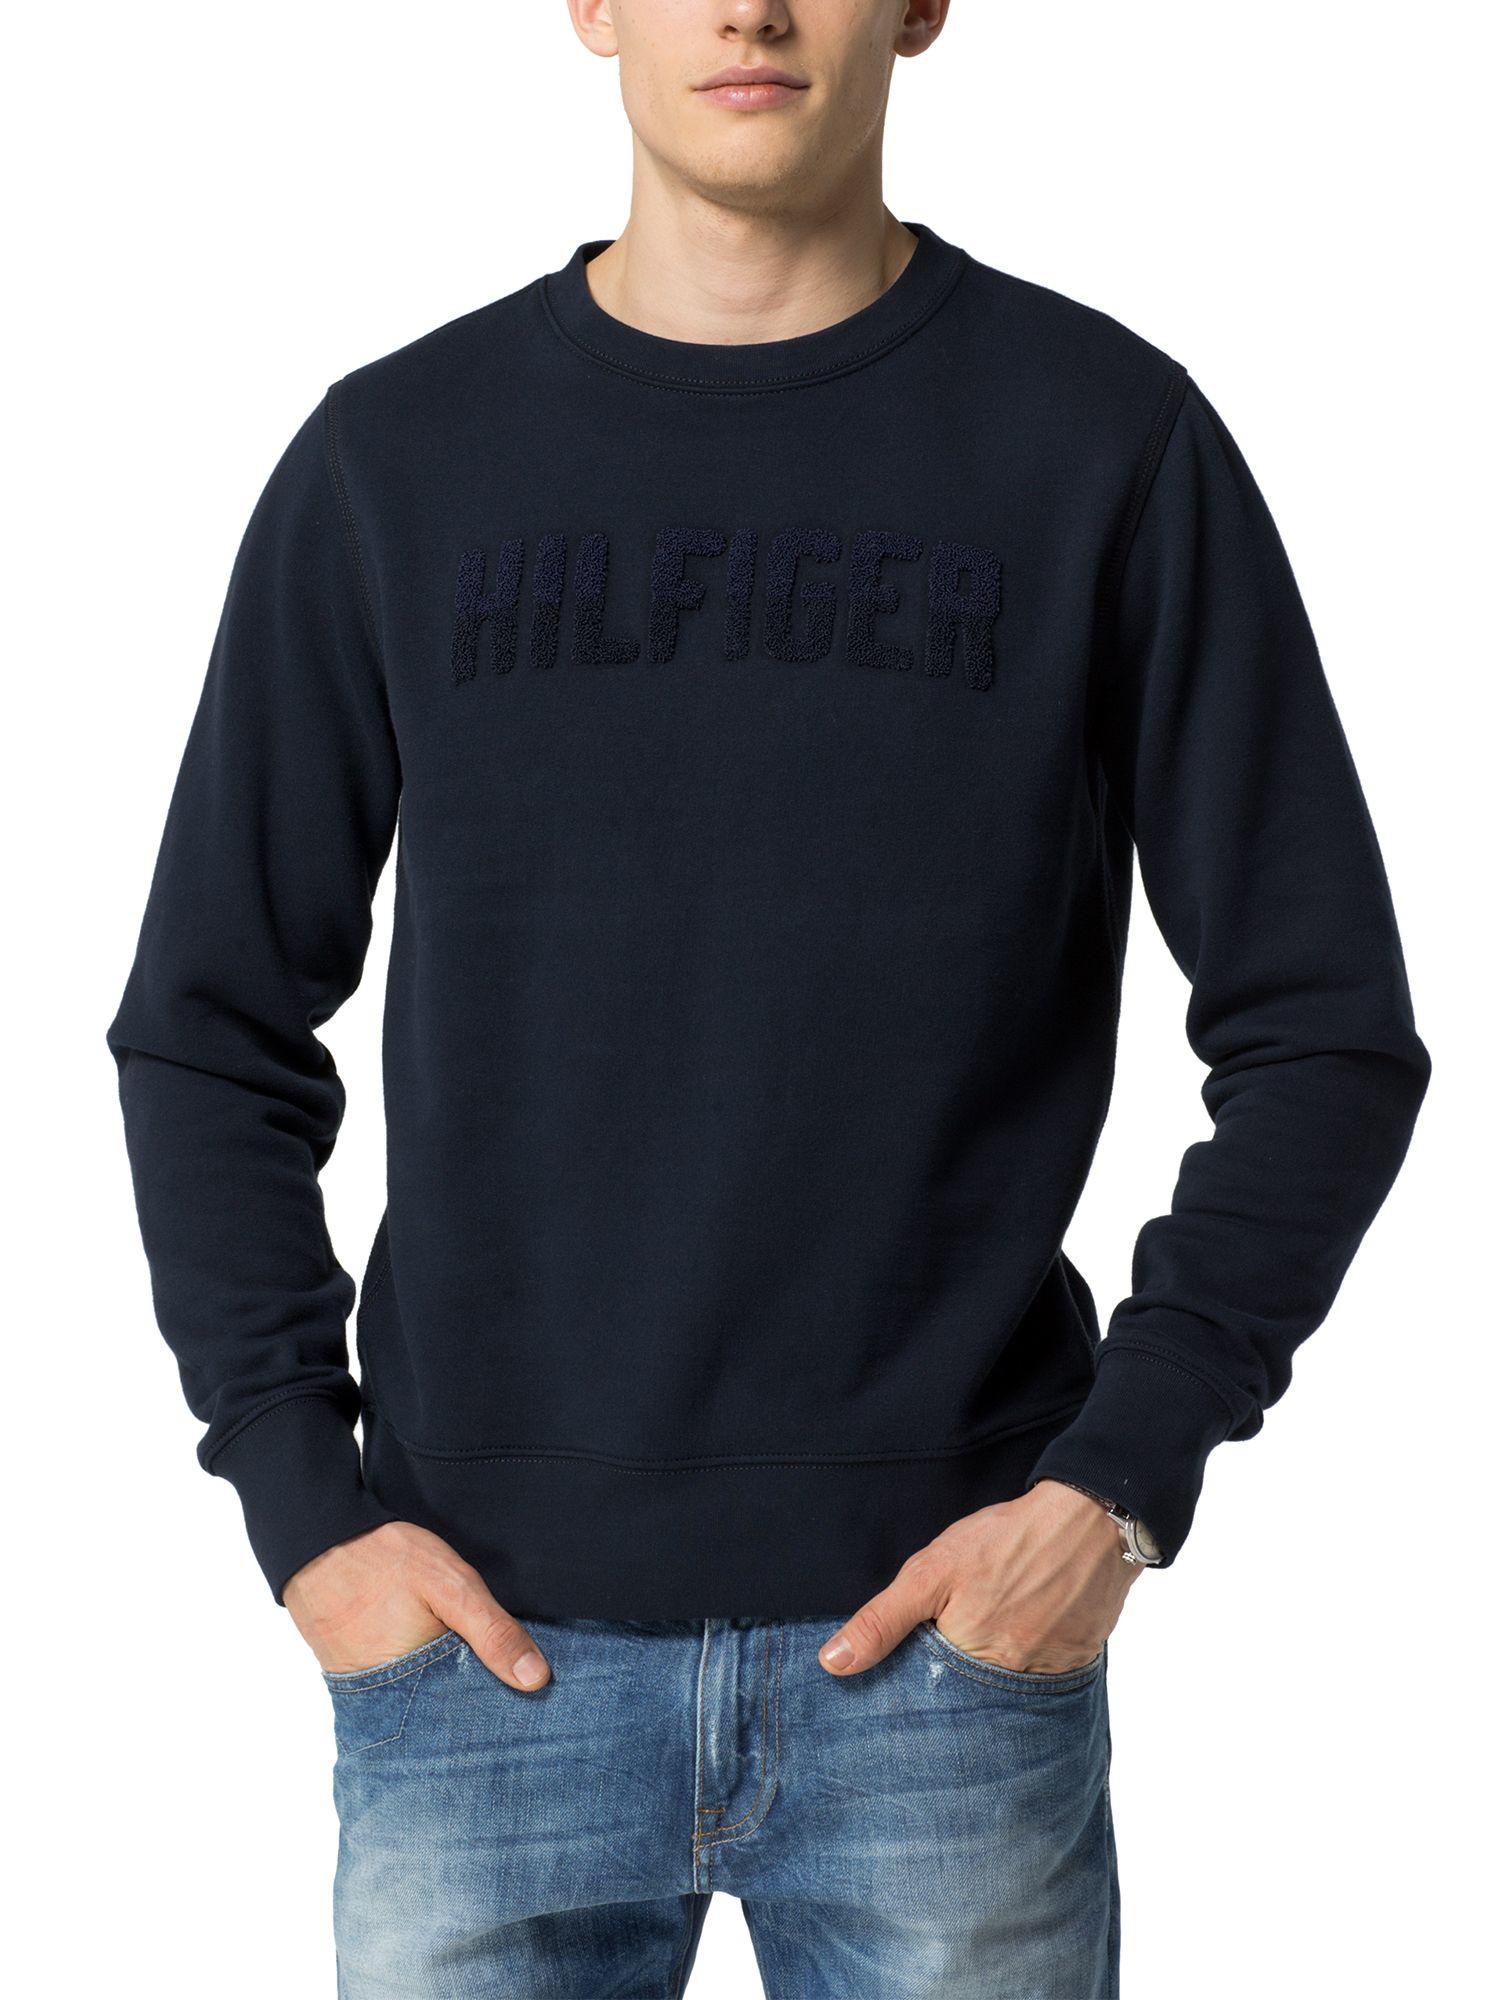 tommy hilfiger lexie plain crew neck pull over jumper in blue for men lyst. Black Bedroom Furniture Sets. Home Design Ideas